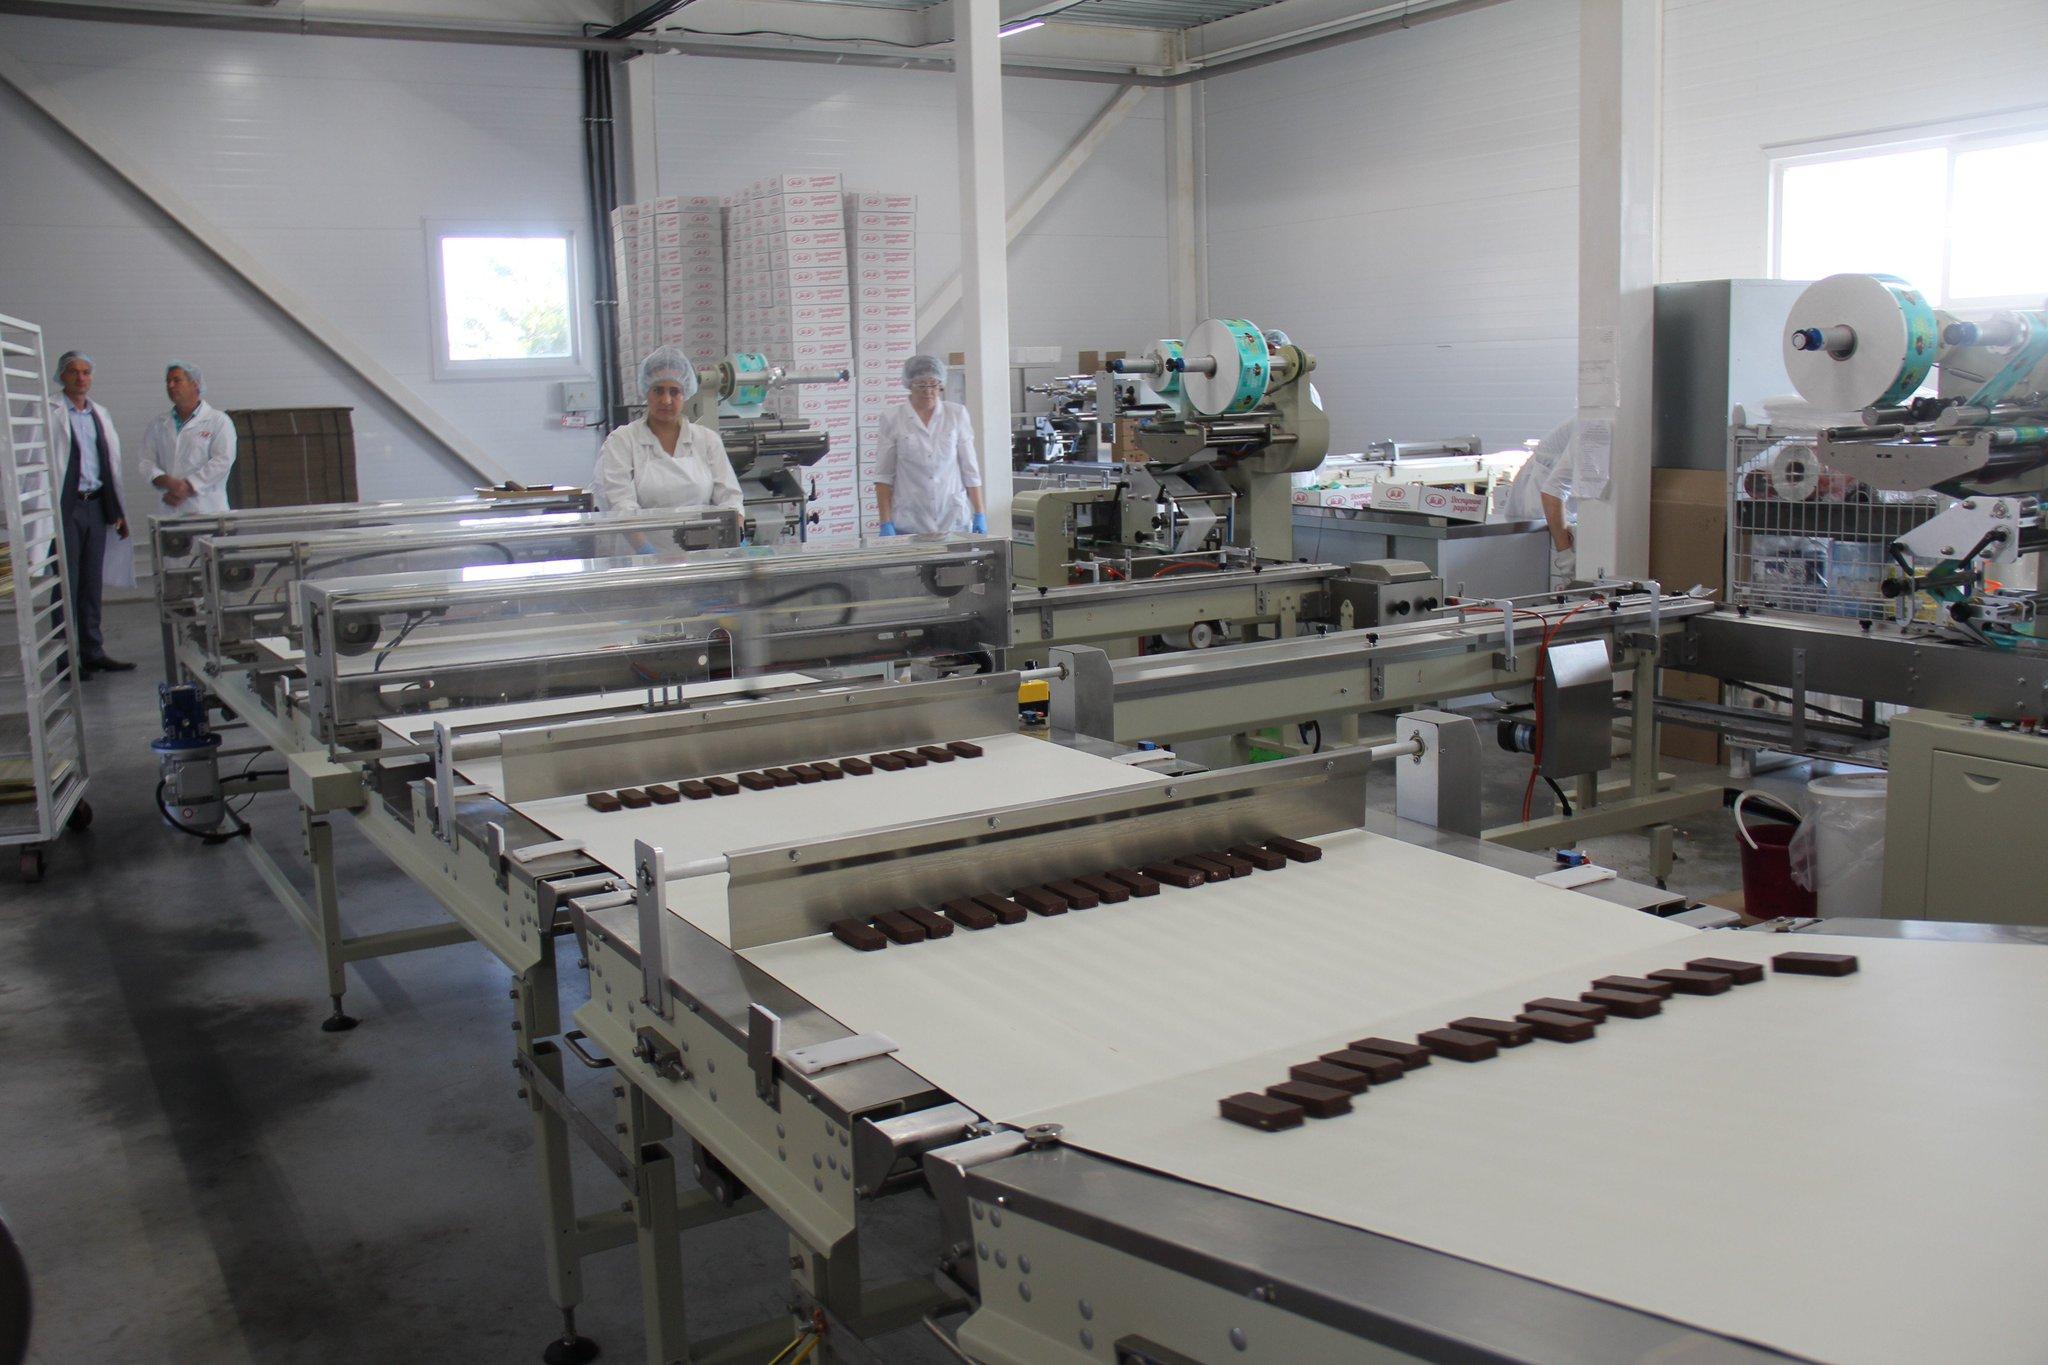 кондитерская фабрика сласти тольятти фото отмерьте сухой